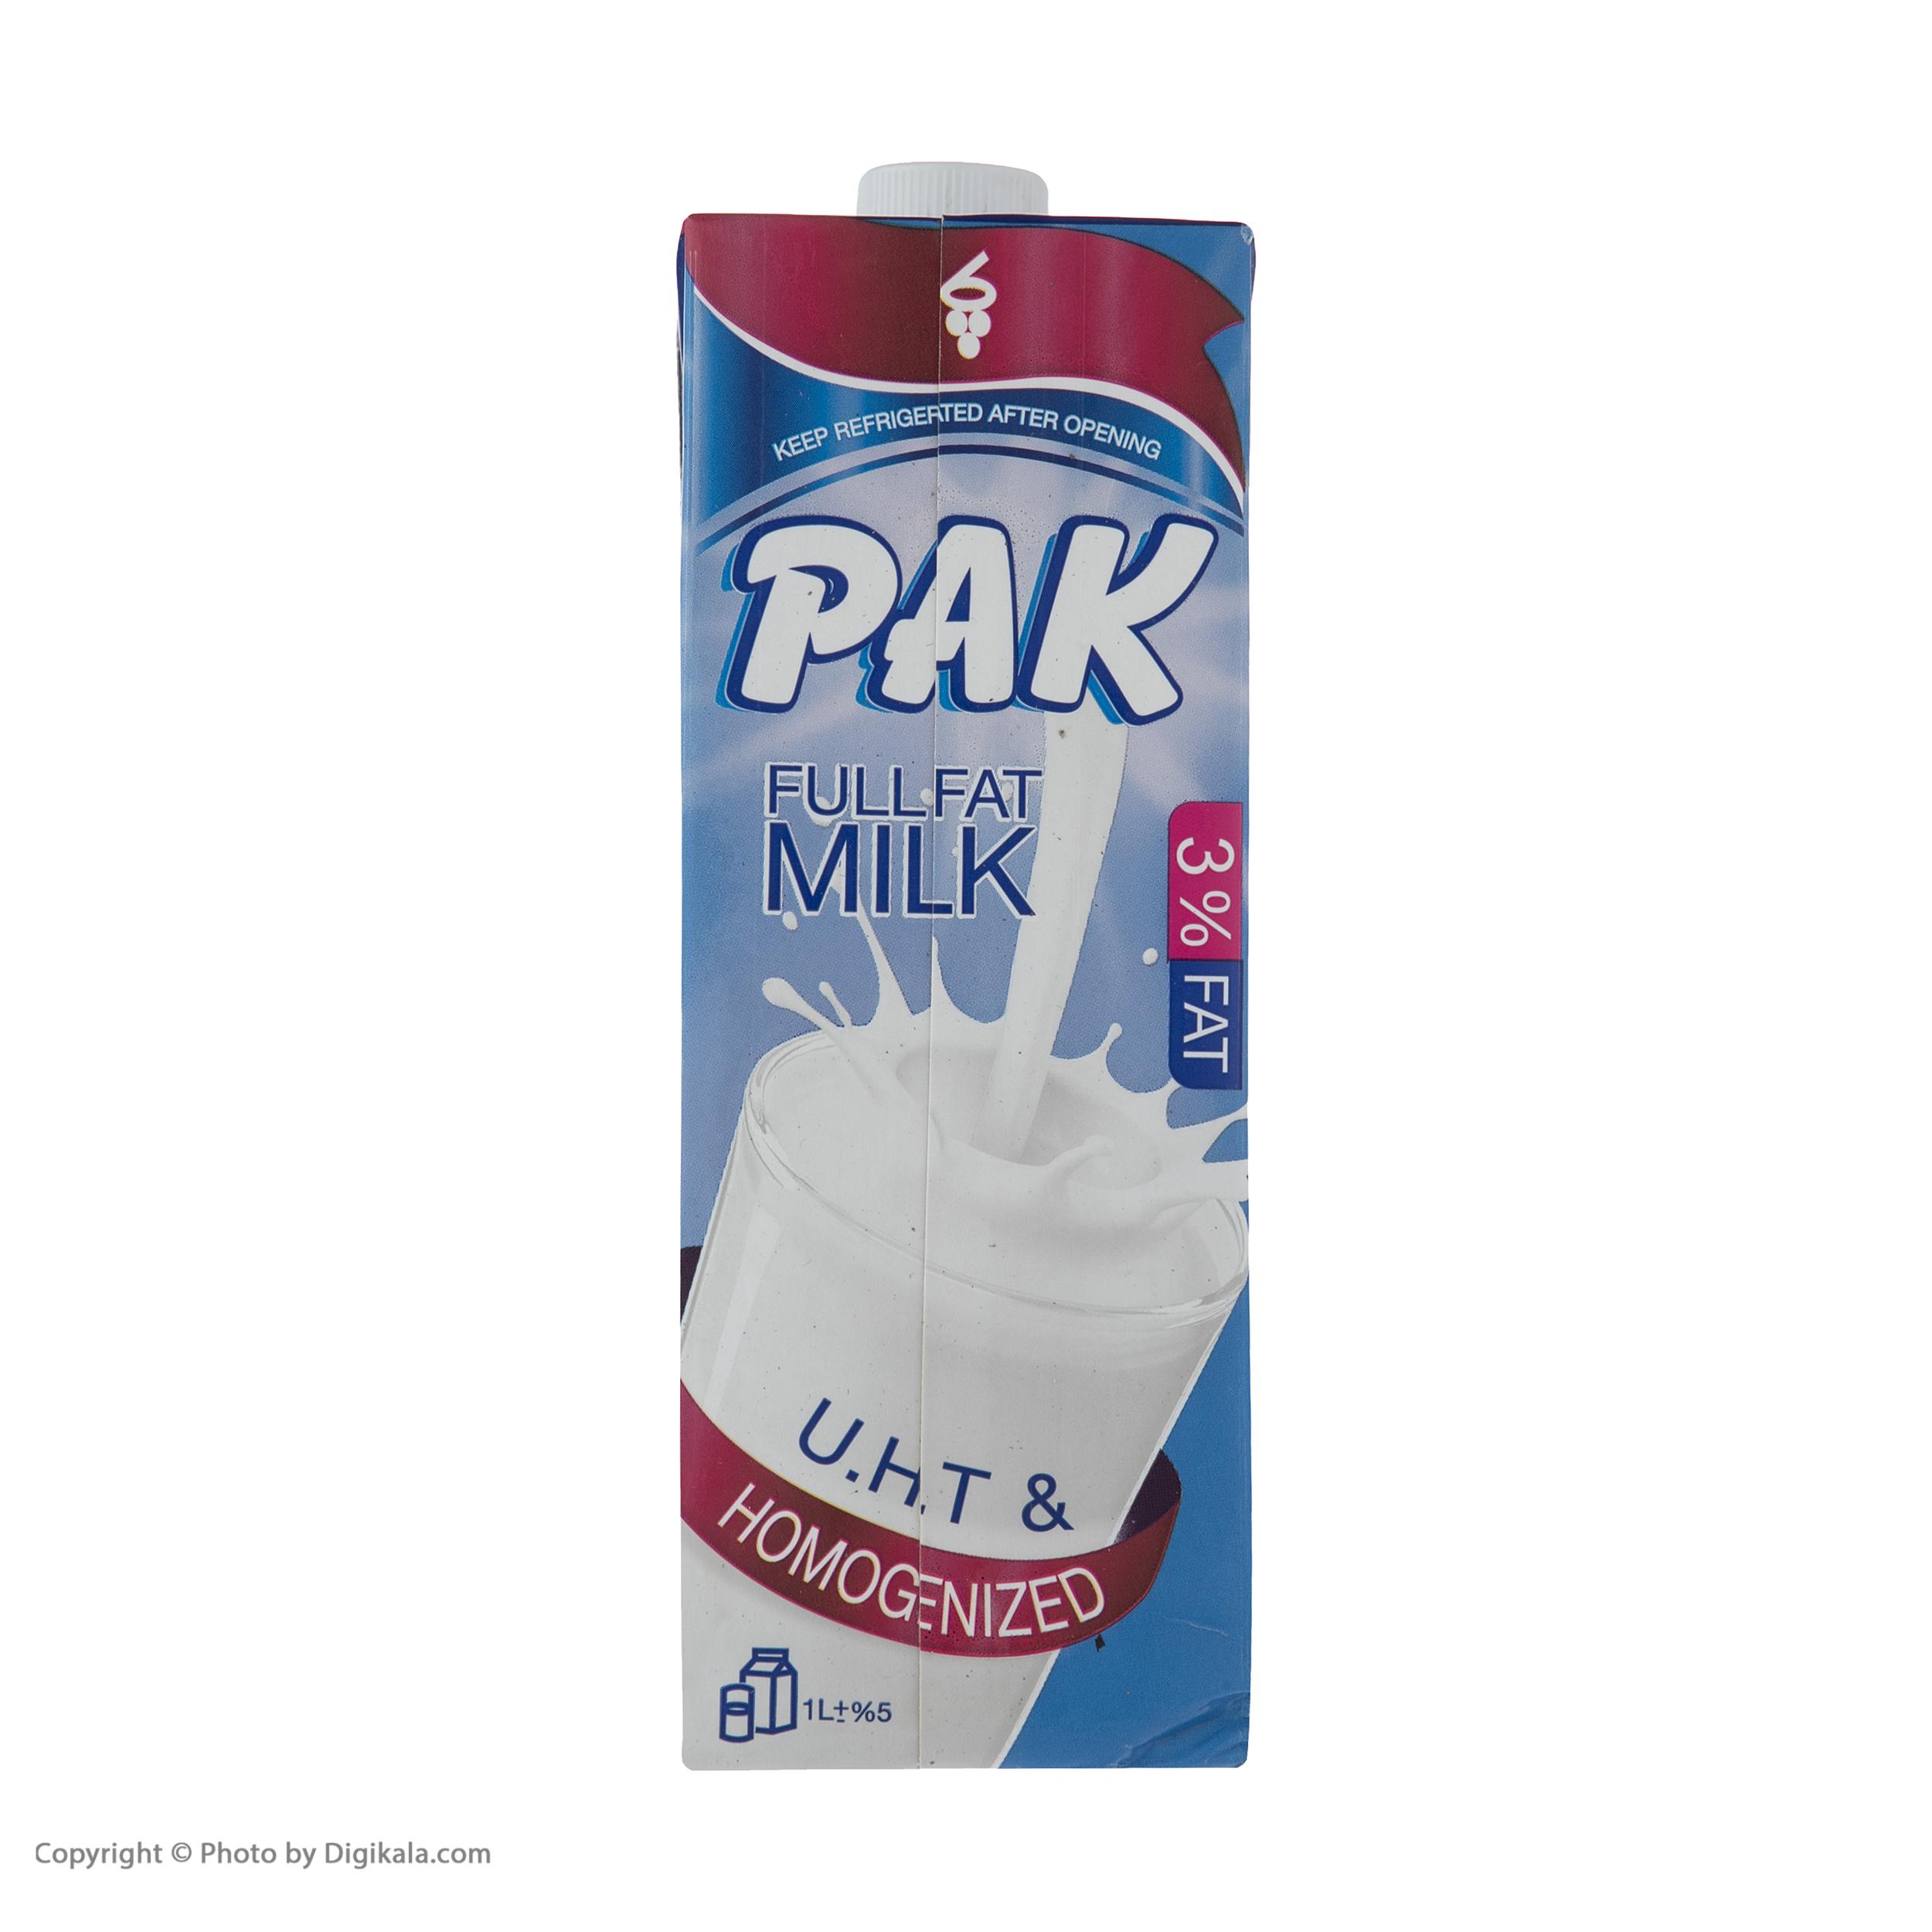 شیر تازه پاستوریزه پر چرب پاک حجم 1 لیتر